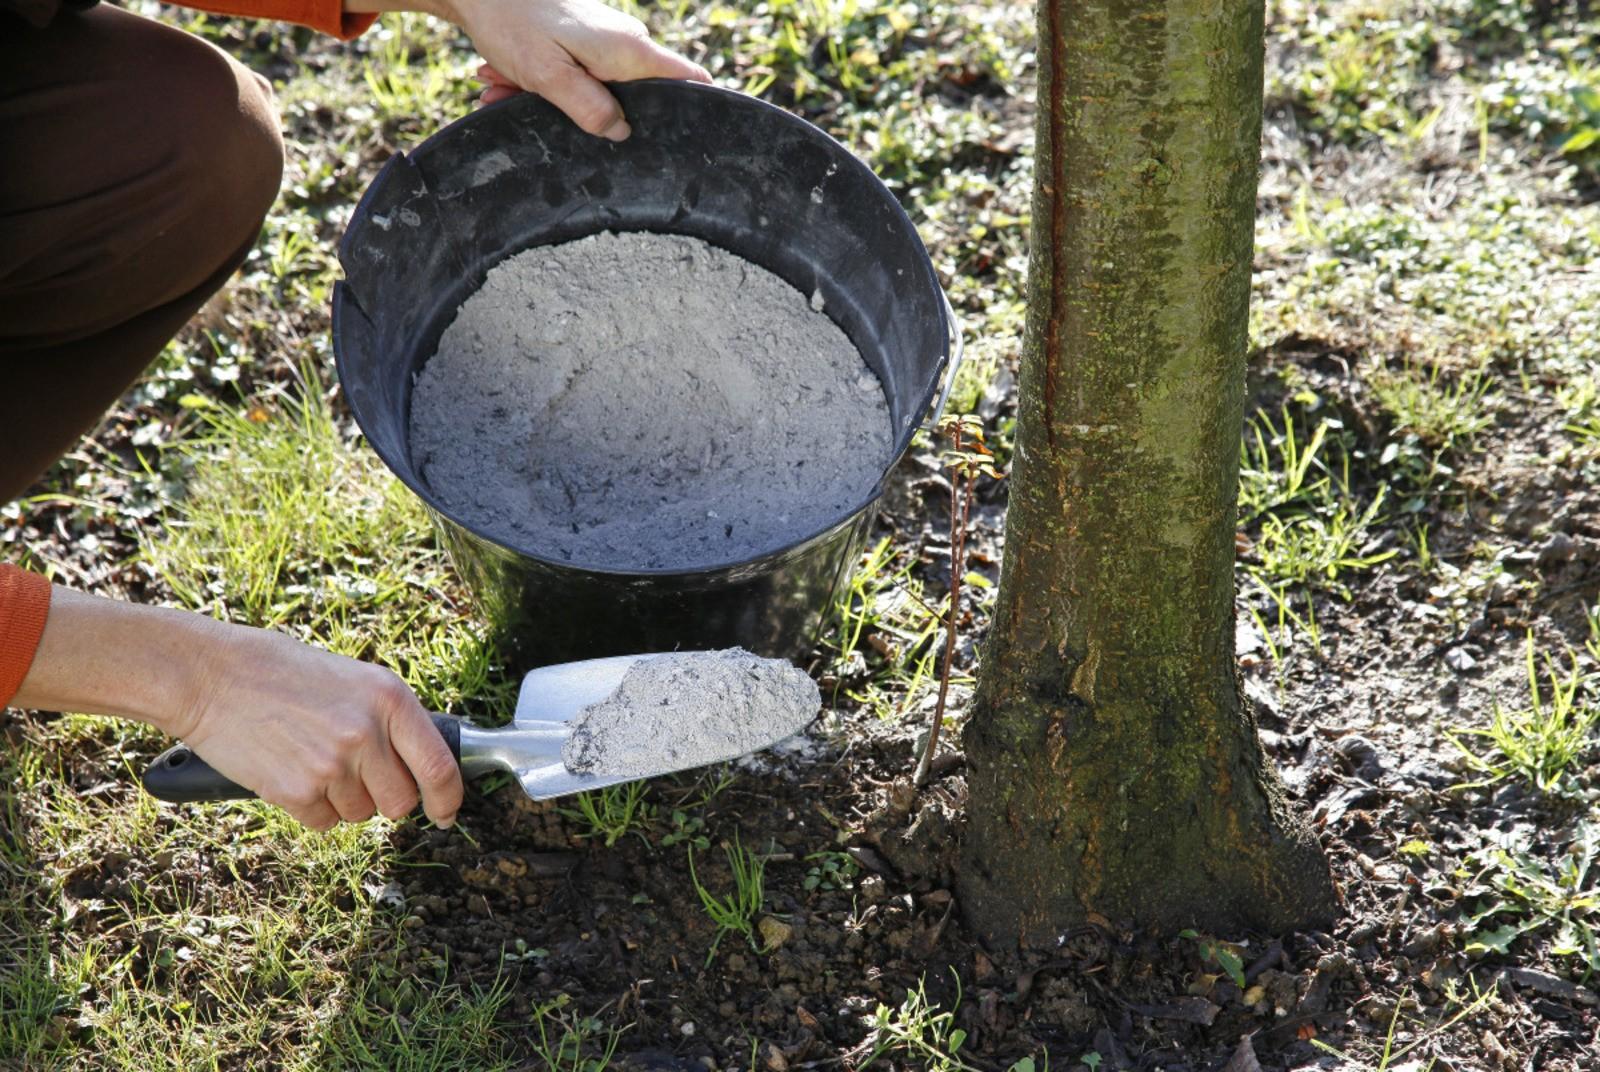 Comment Utiliser Les Cendres De Bois Au Jardin ? pour La Potasse Au Jardin